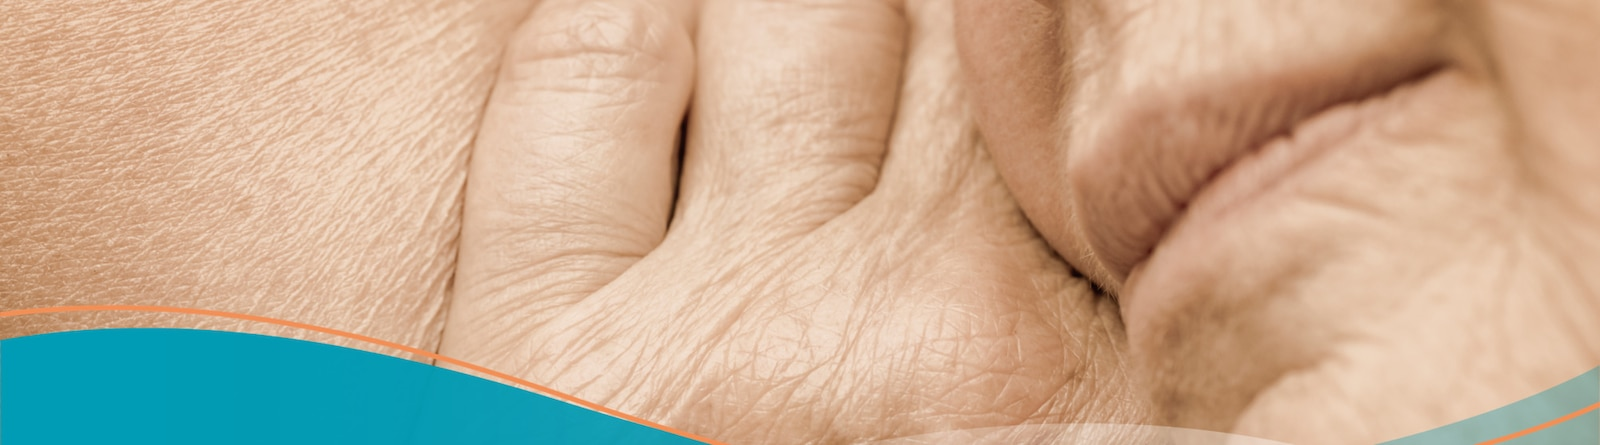 Produkty TENA ProSkin schválené Skin Health Alliance (Alianciou pre zdravú pokožku)